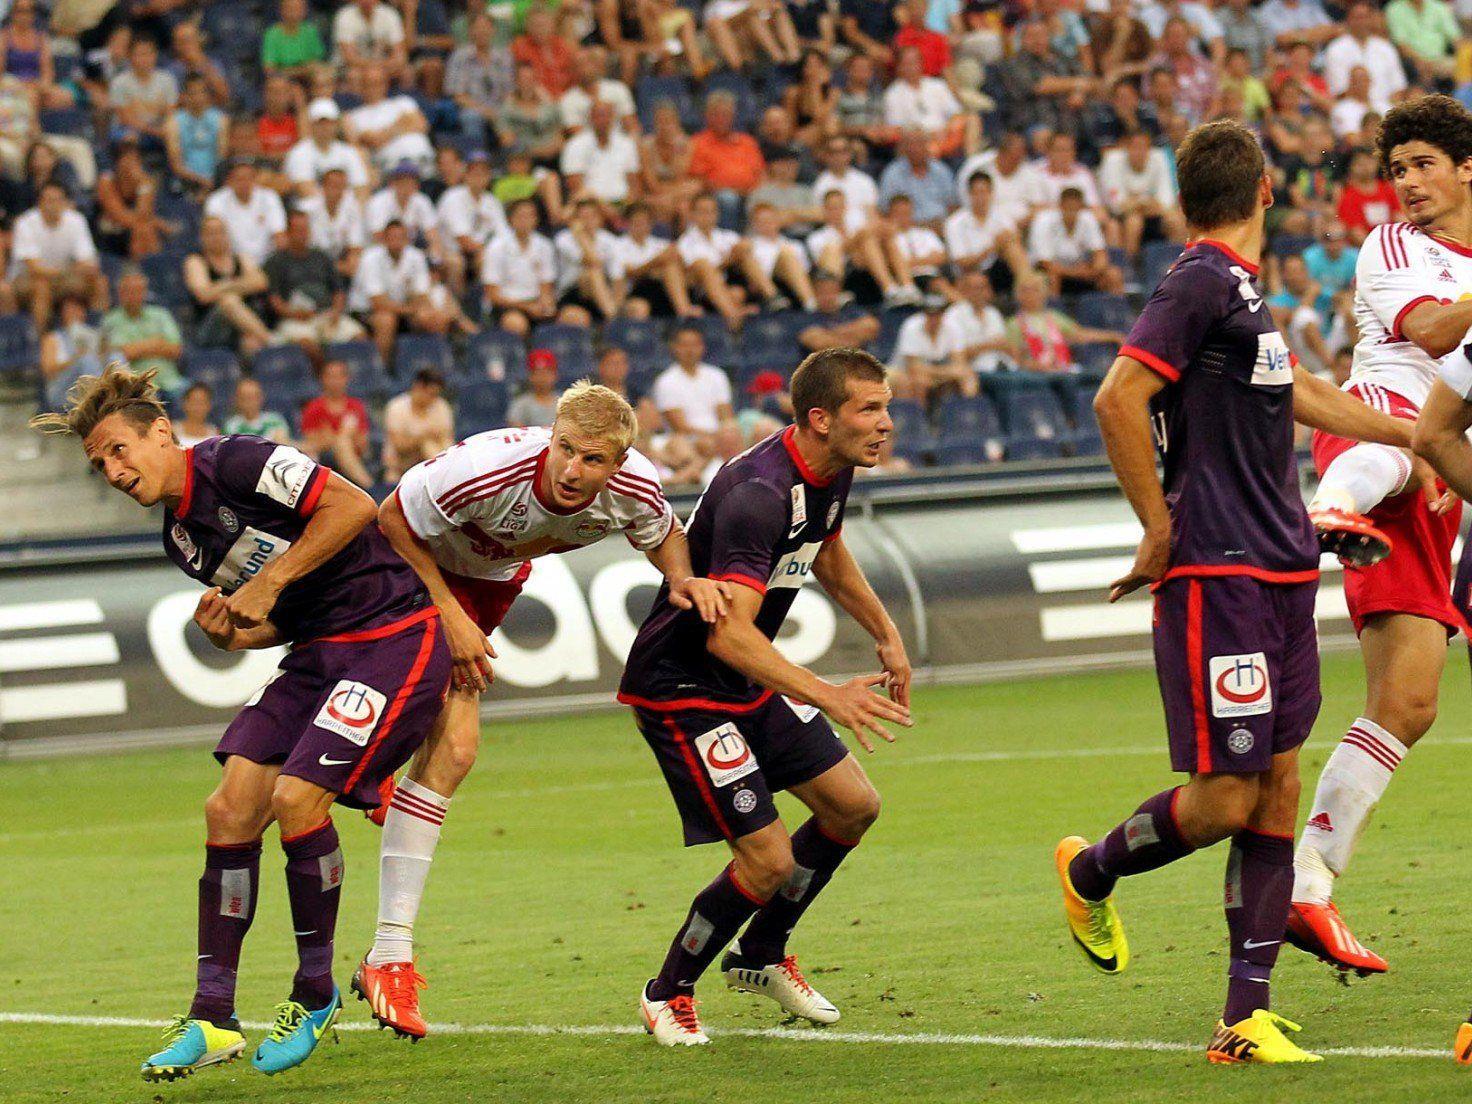 LIVE-Ticker zum Spiel FK Austria Wien gegen Red Bull Salzburg.